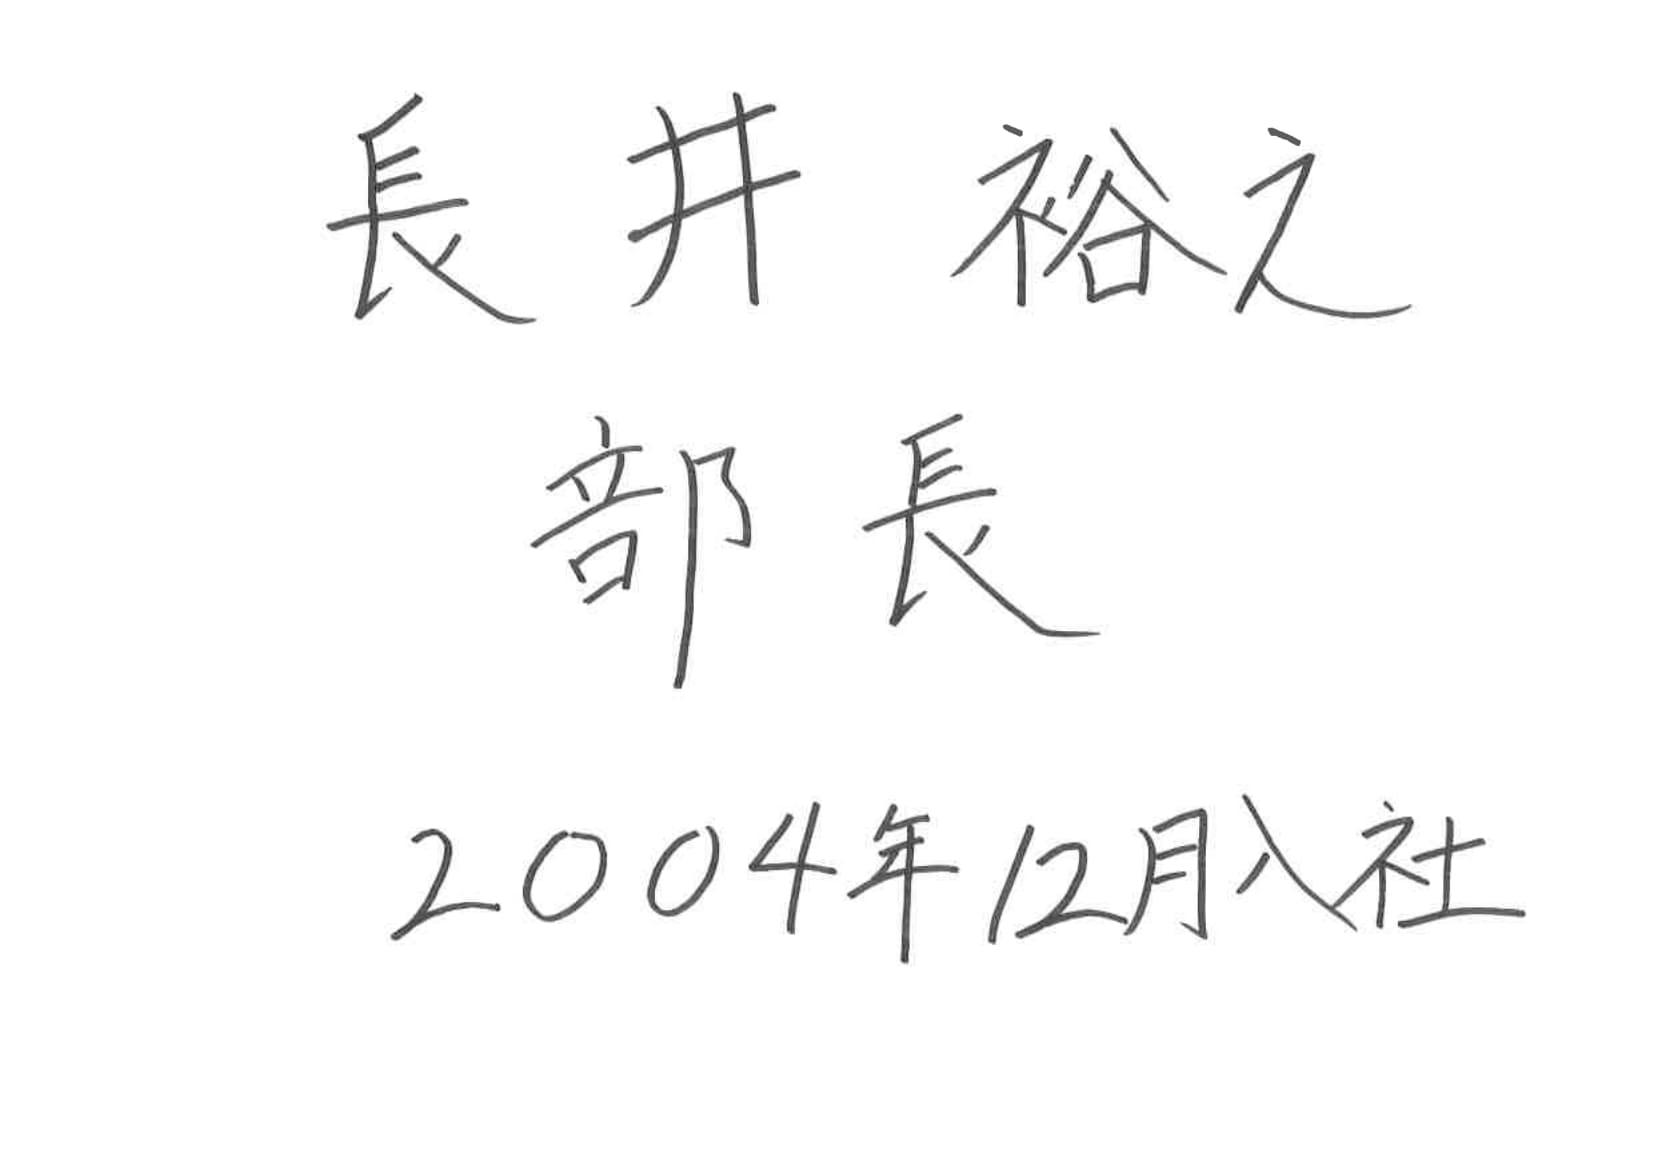 長井 裕之 キュービック 執行役員 副社長 0000年00月00日入社